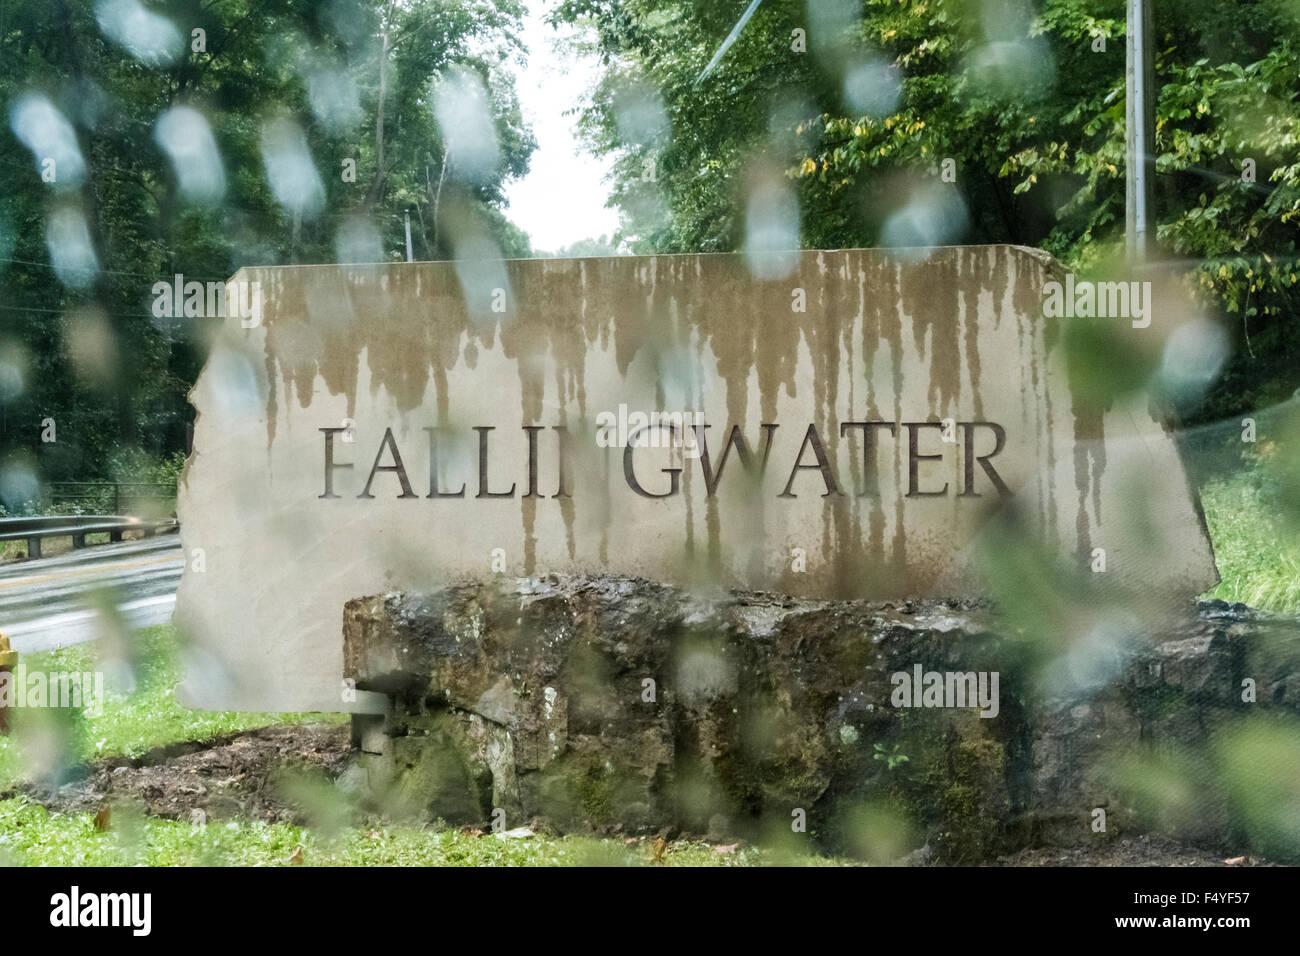 Panneau routier Fallingwater sous la pluie. Photo Stock